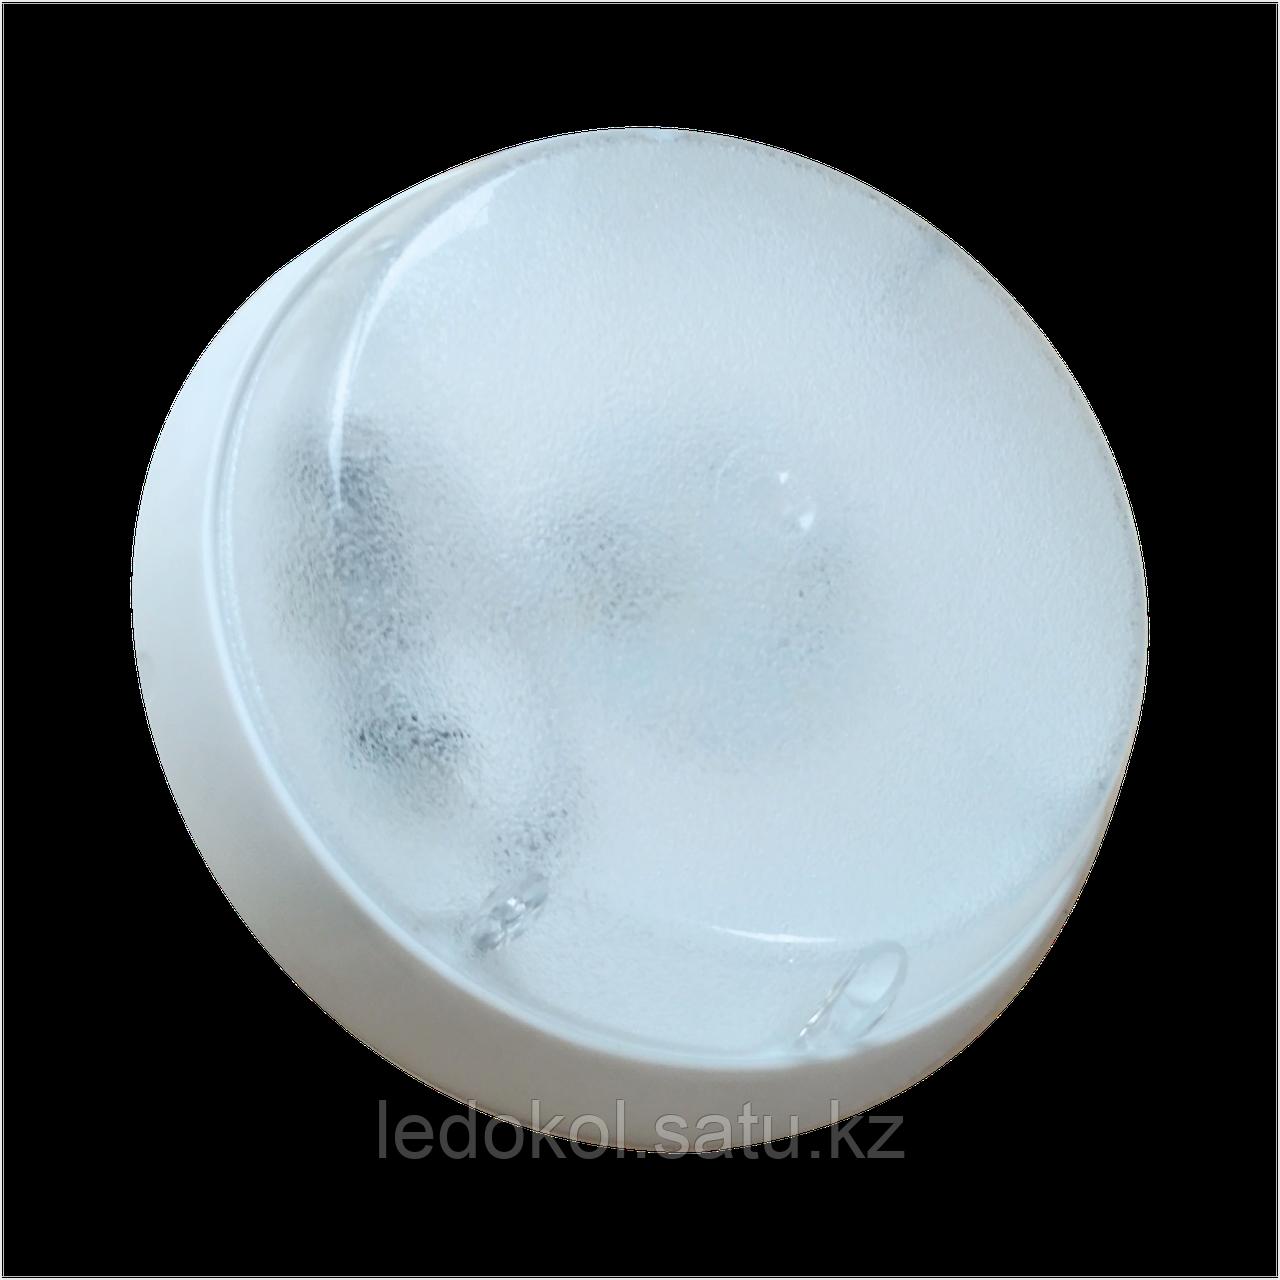 Светильники ЖКХ с микроволновым датчиком движения 6, 10, 12 Вт, пластик